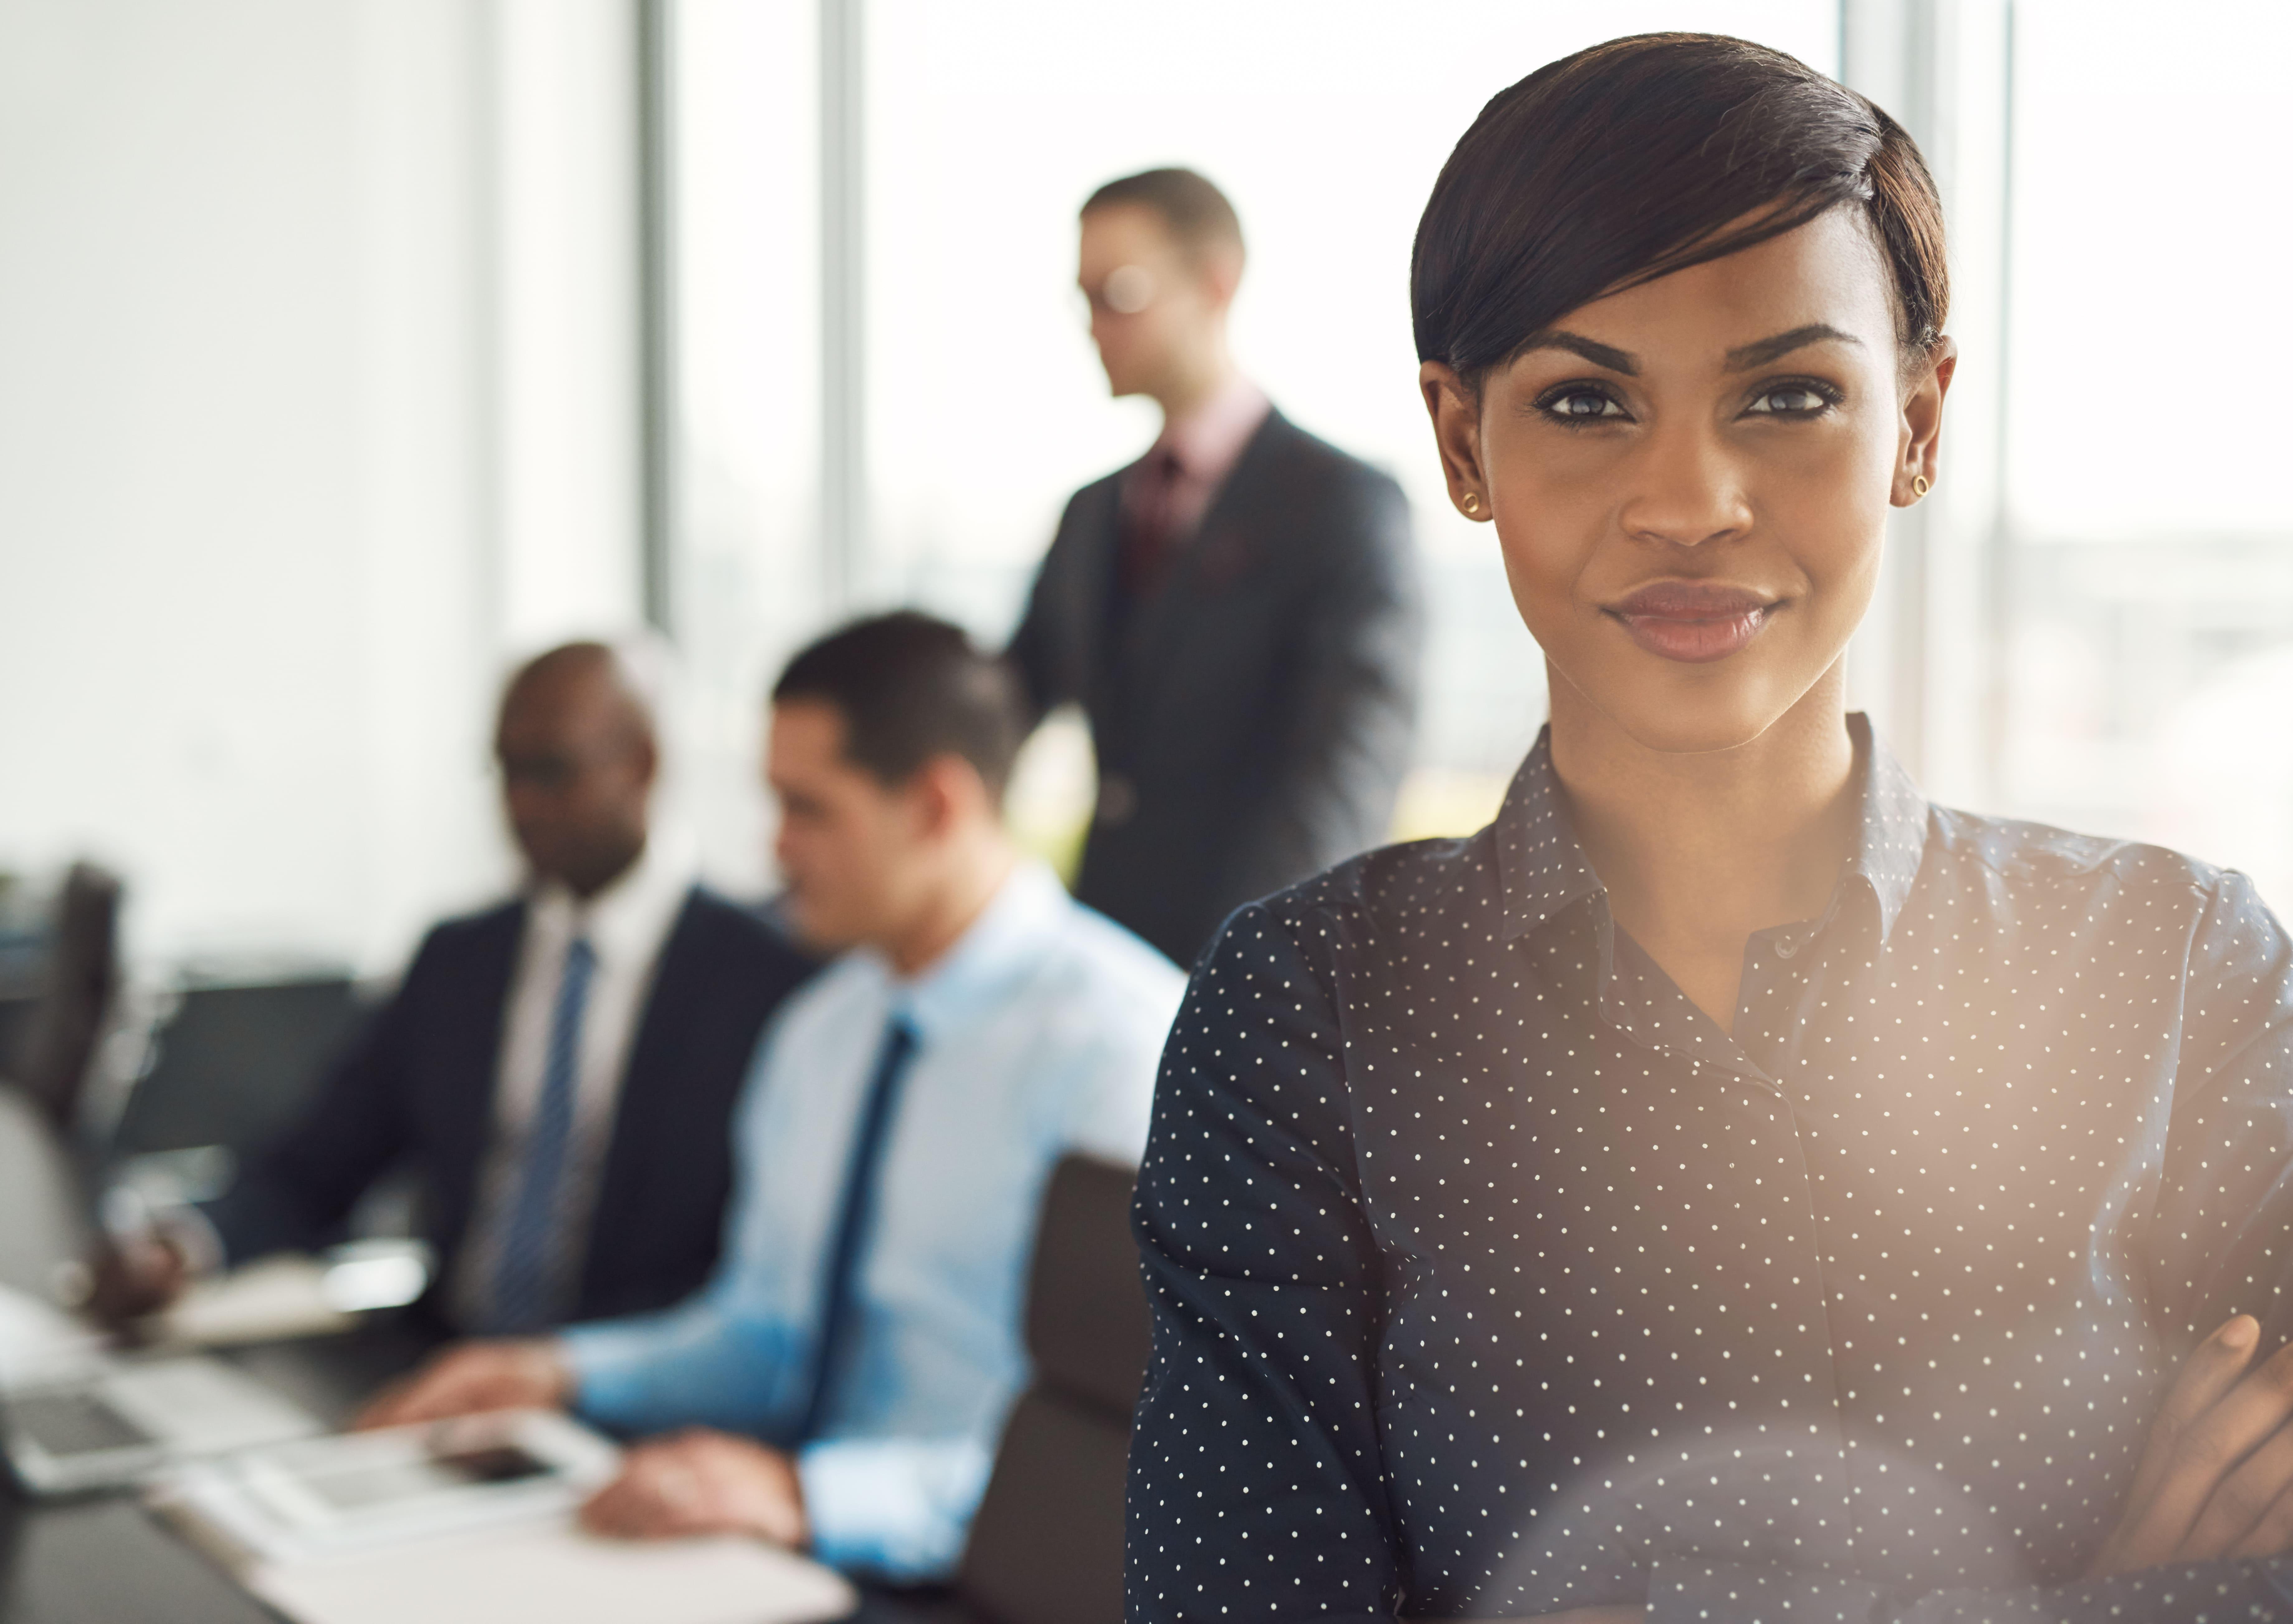 Imagem de uma empreendedora para remeter ao texto que mostra o que é empresário individual